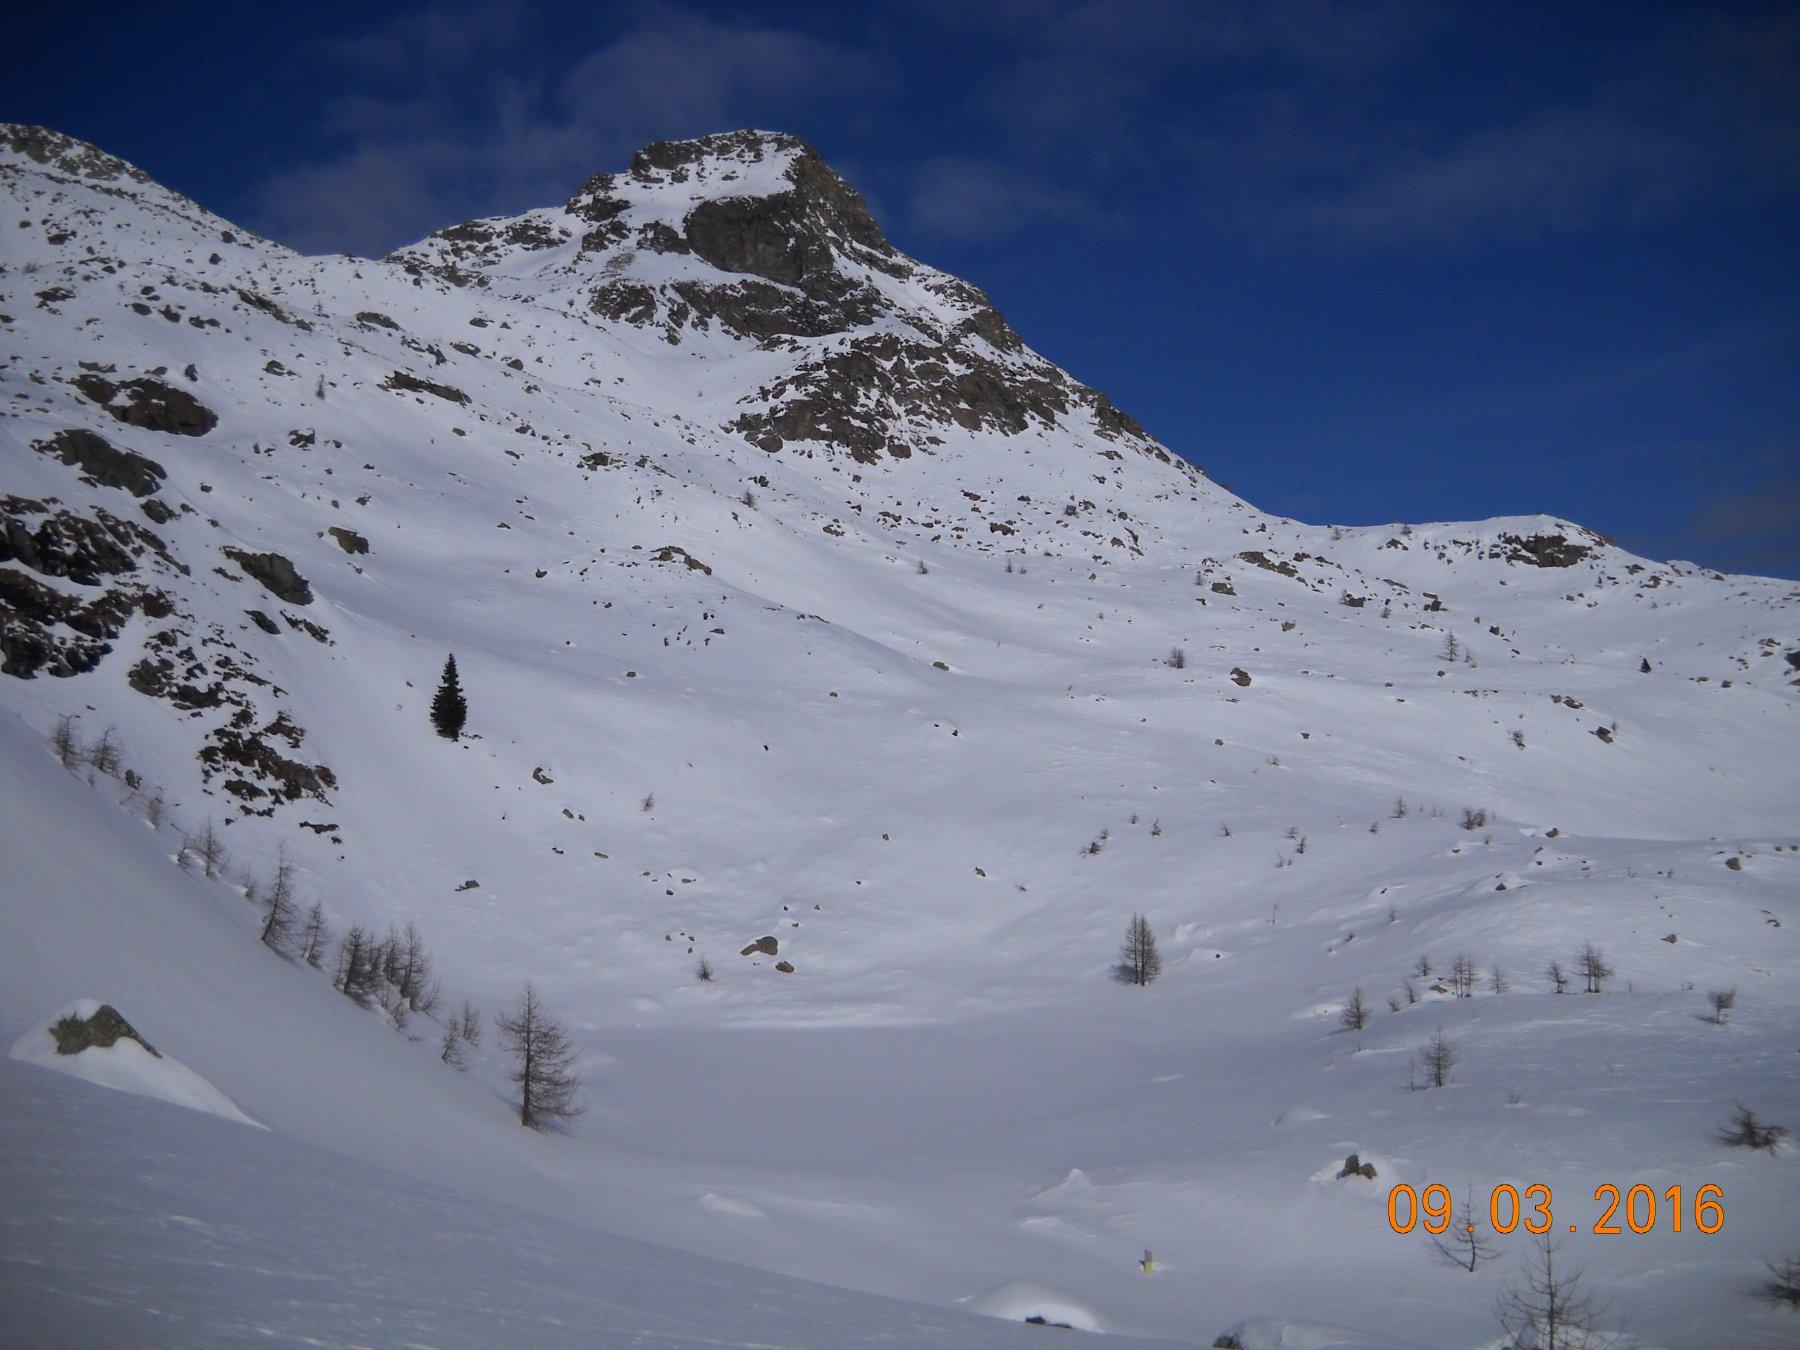 la torretta sotto il lago vernoille coperto dalla neve